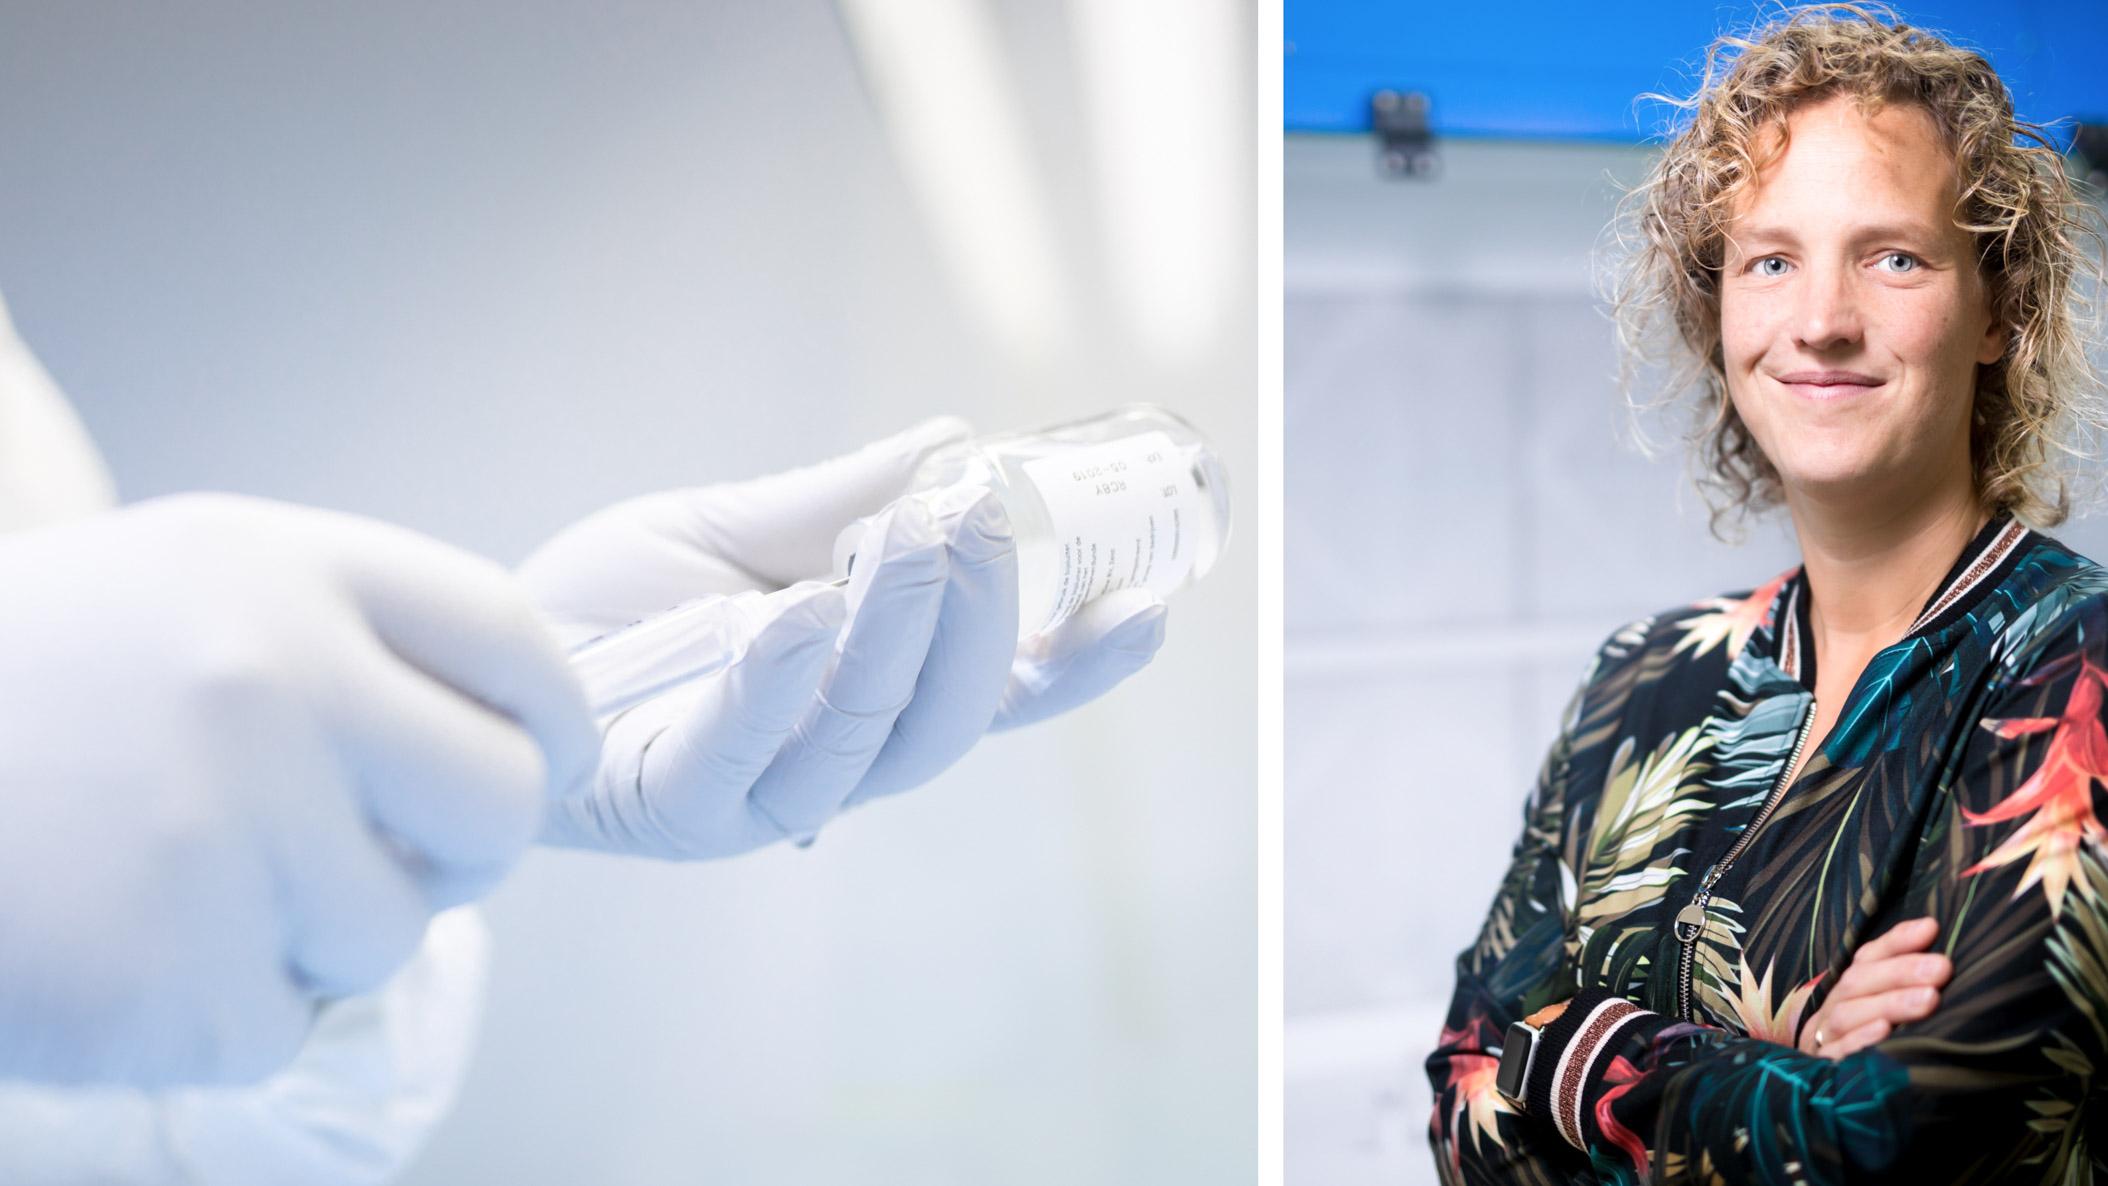 Marketing-Lynx-Portretfotografie-Eindhoven-Ektor-Tsolodimos-15